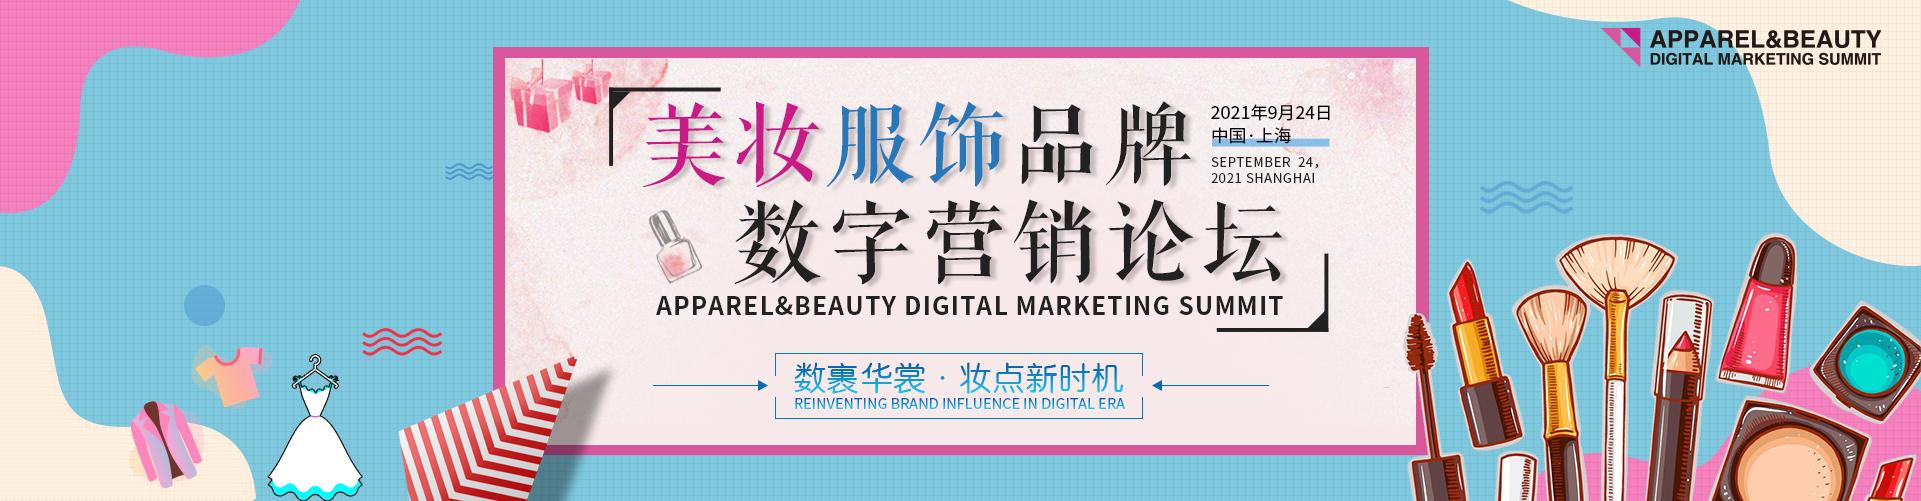 服饰美妆品牌数字营销论坛